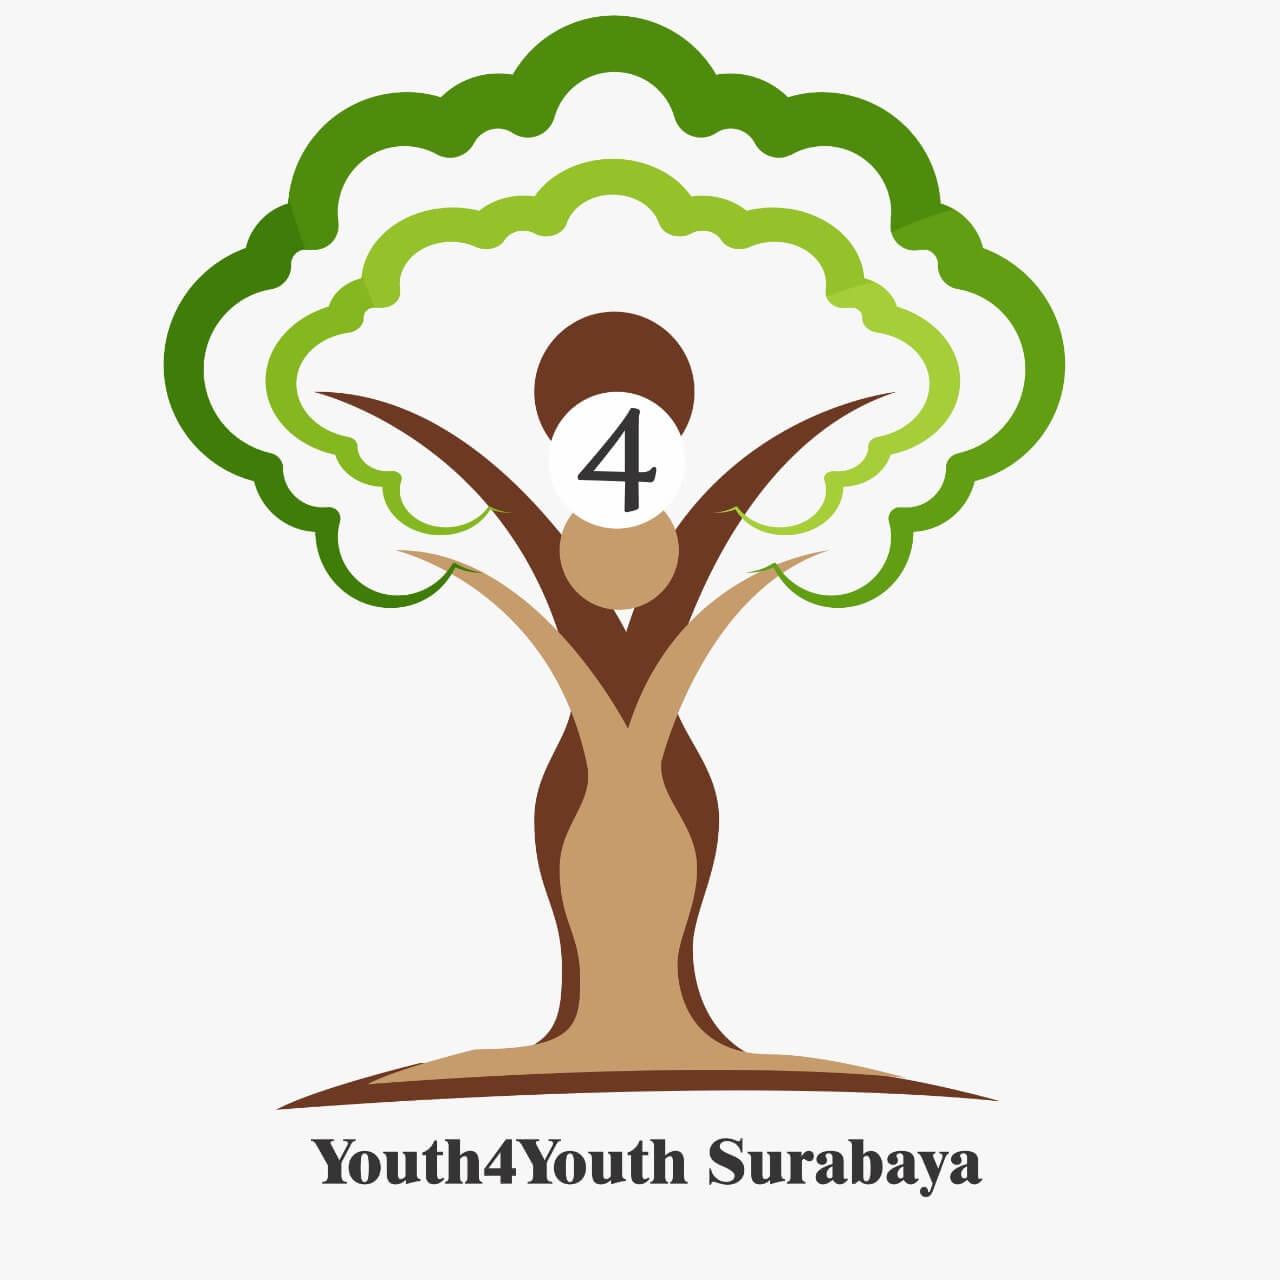 Y4Y Surabaya